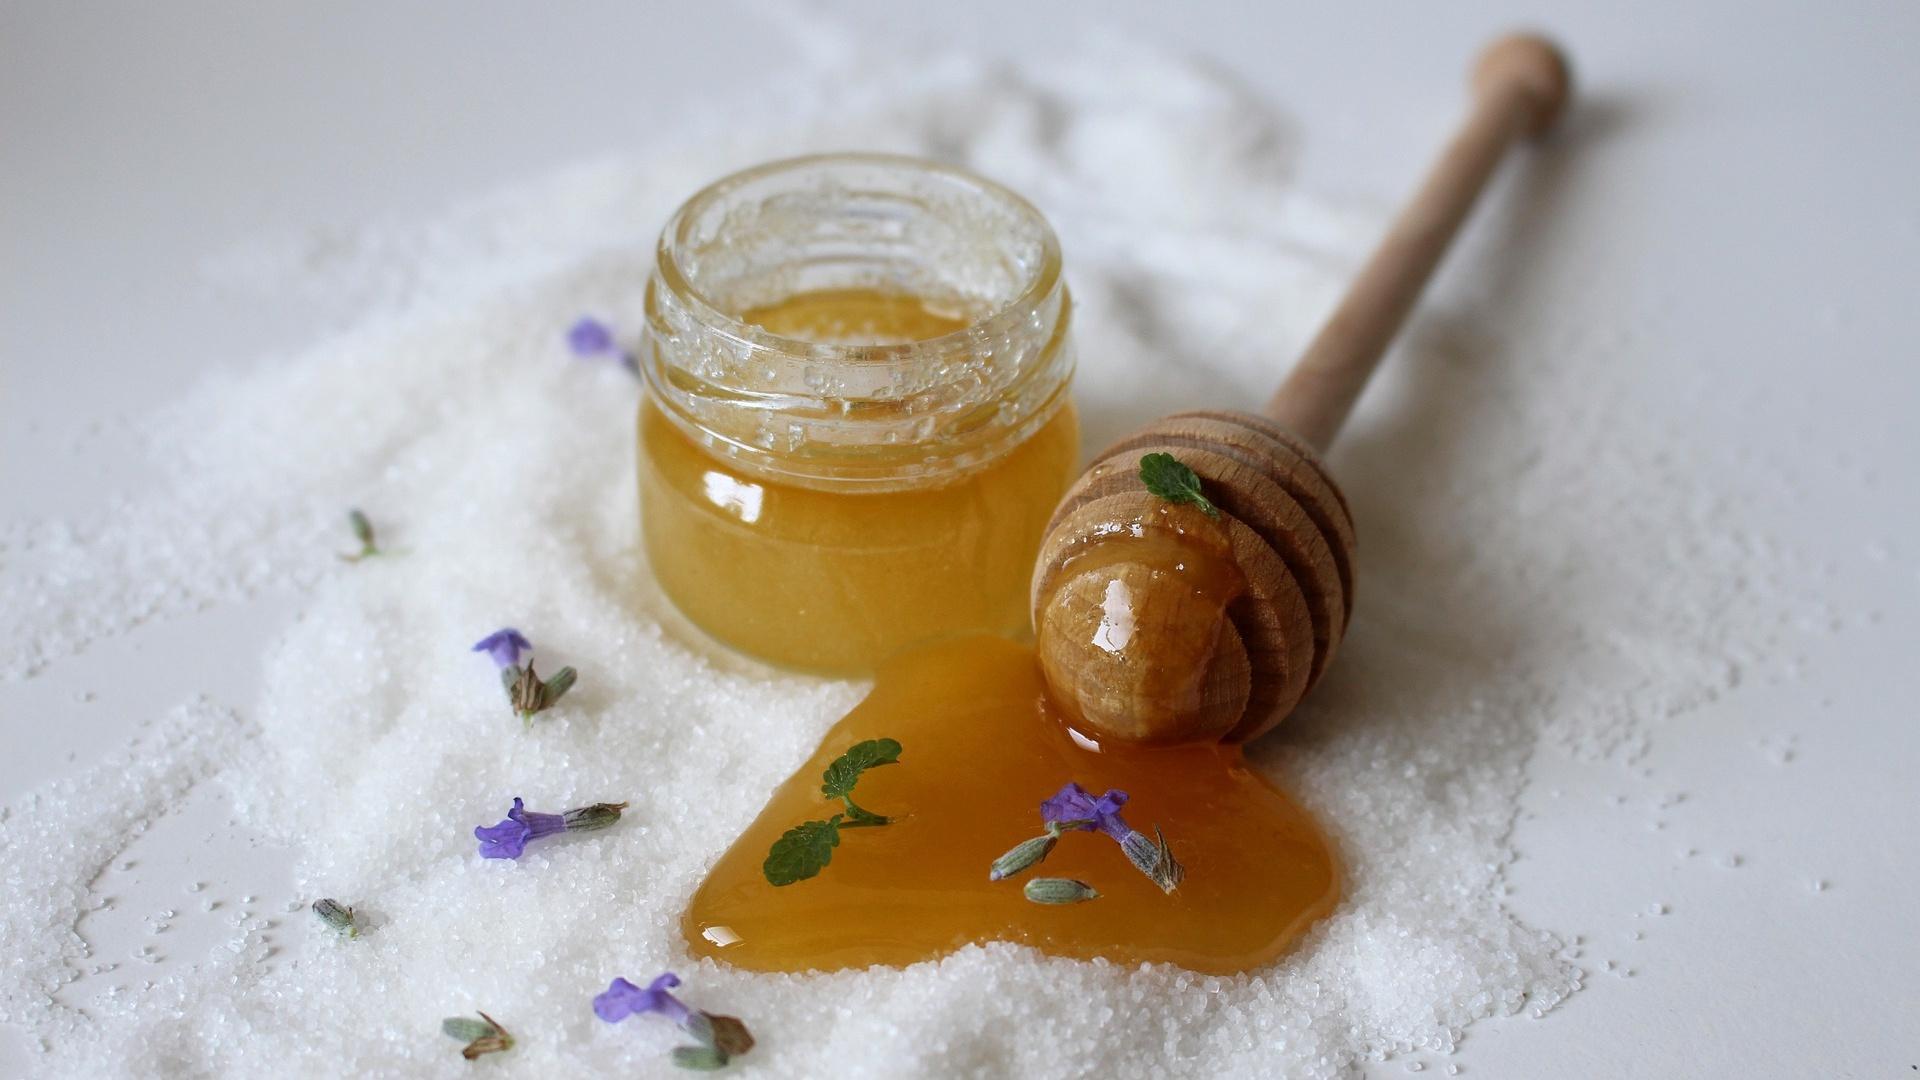 Honig wird in vielen selbstgemachten Peelings verwendet